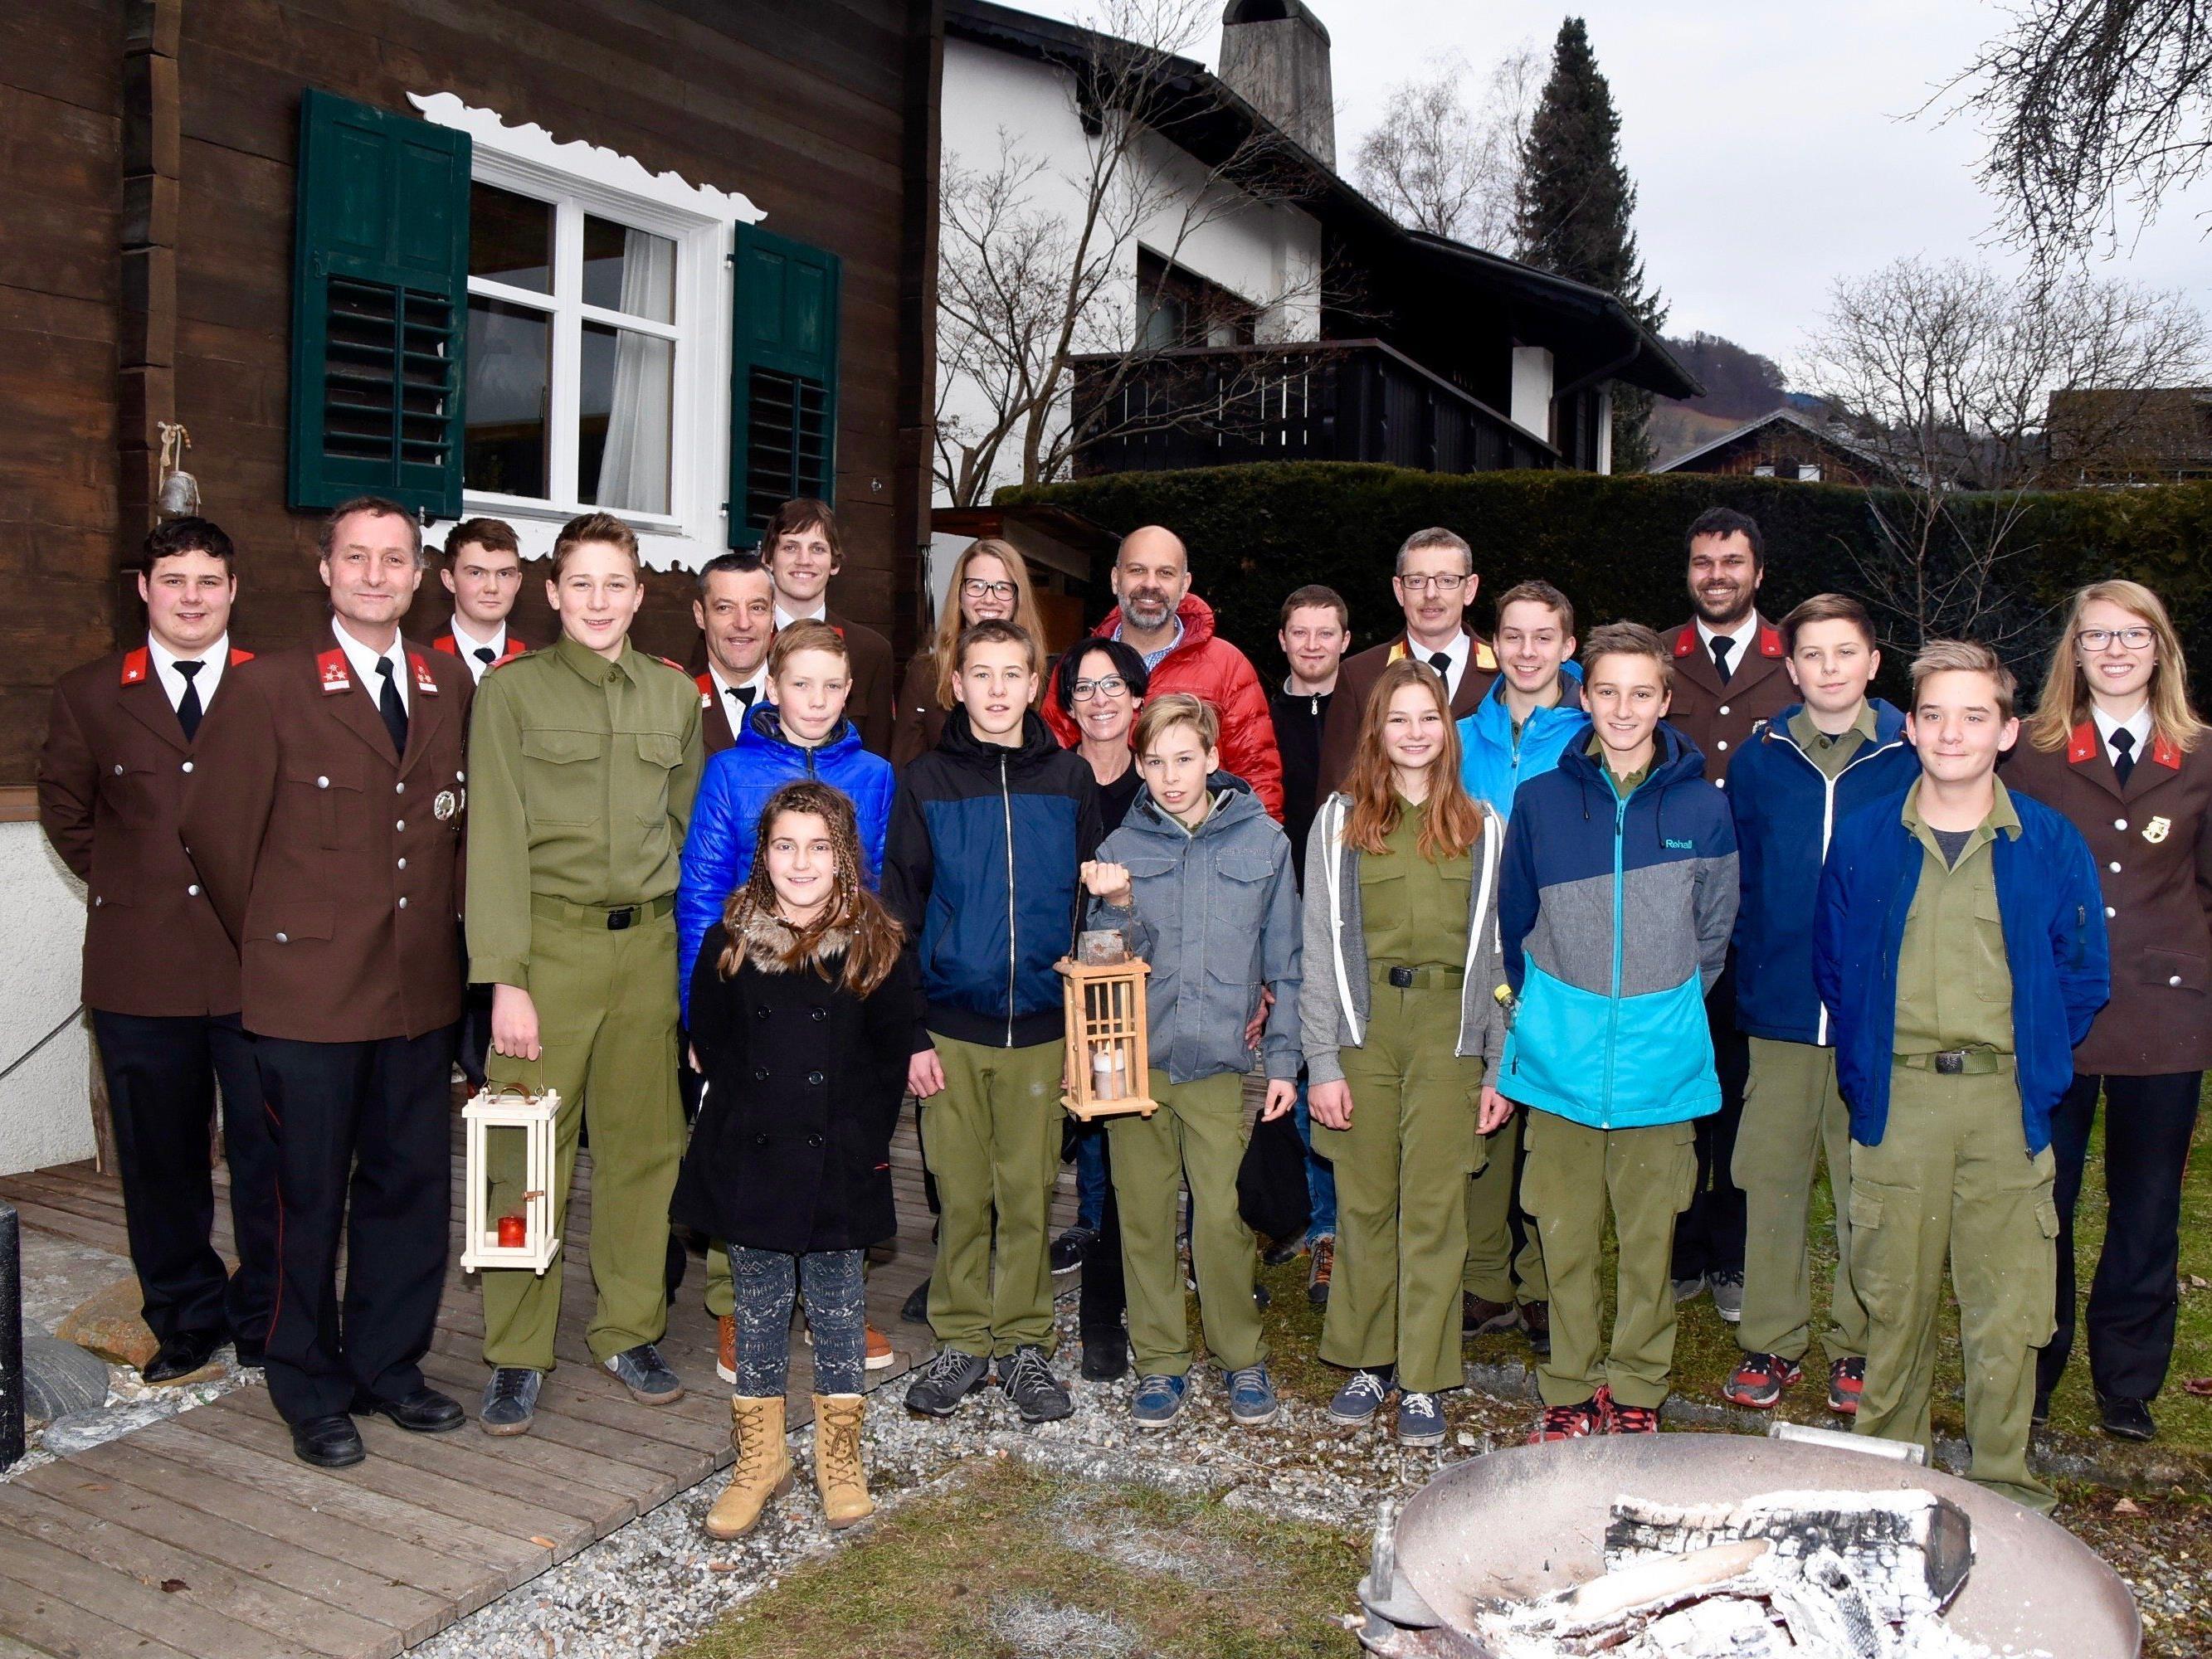 Am Nachmittag des Heiligen Abends war die Schrunser Feuerwehrjugend bei Bgm. Jürgen Kuster zu Hause eingeladen.